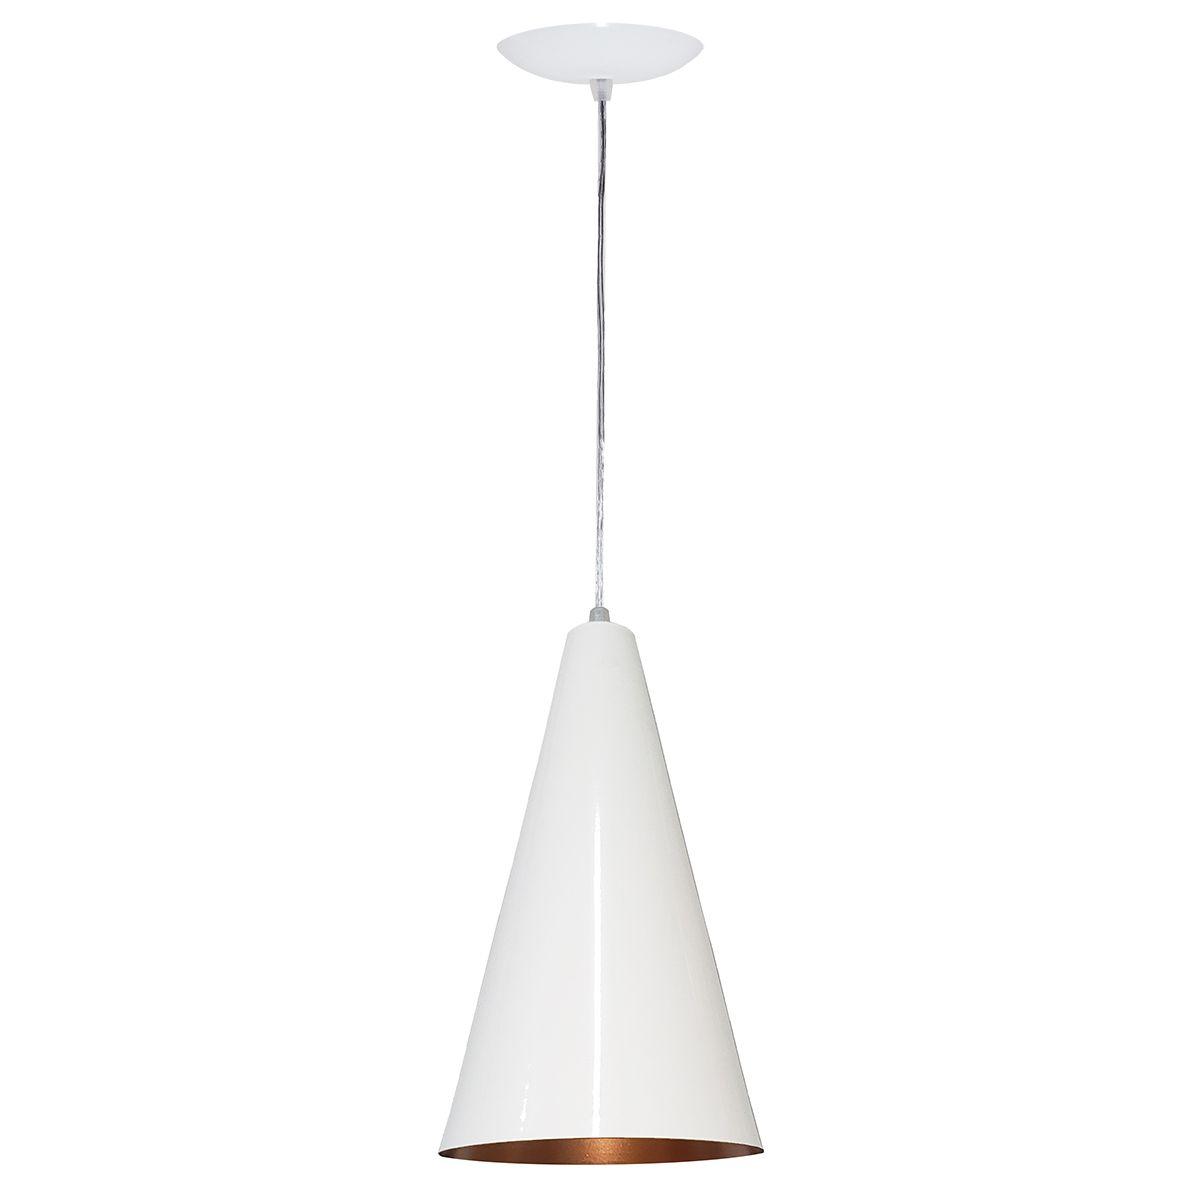 Luminária Decorativa Cônico 24 Branco/Cobre com Pendente